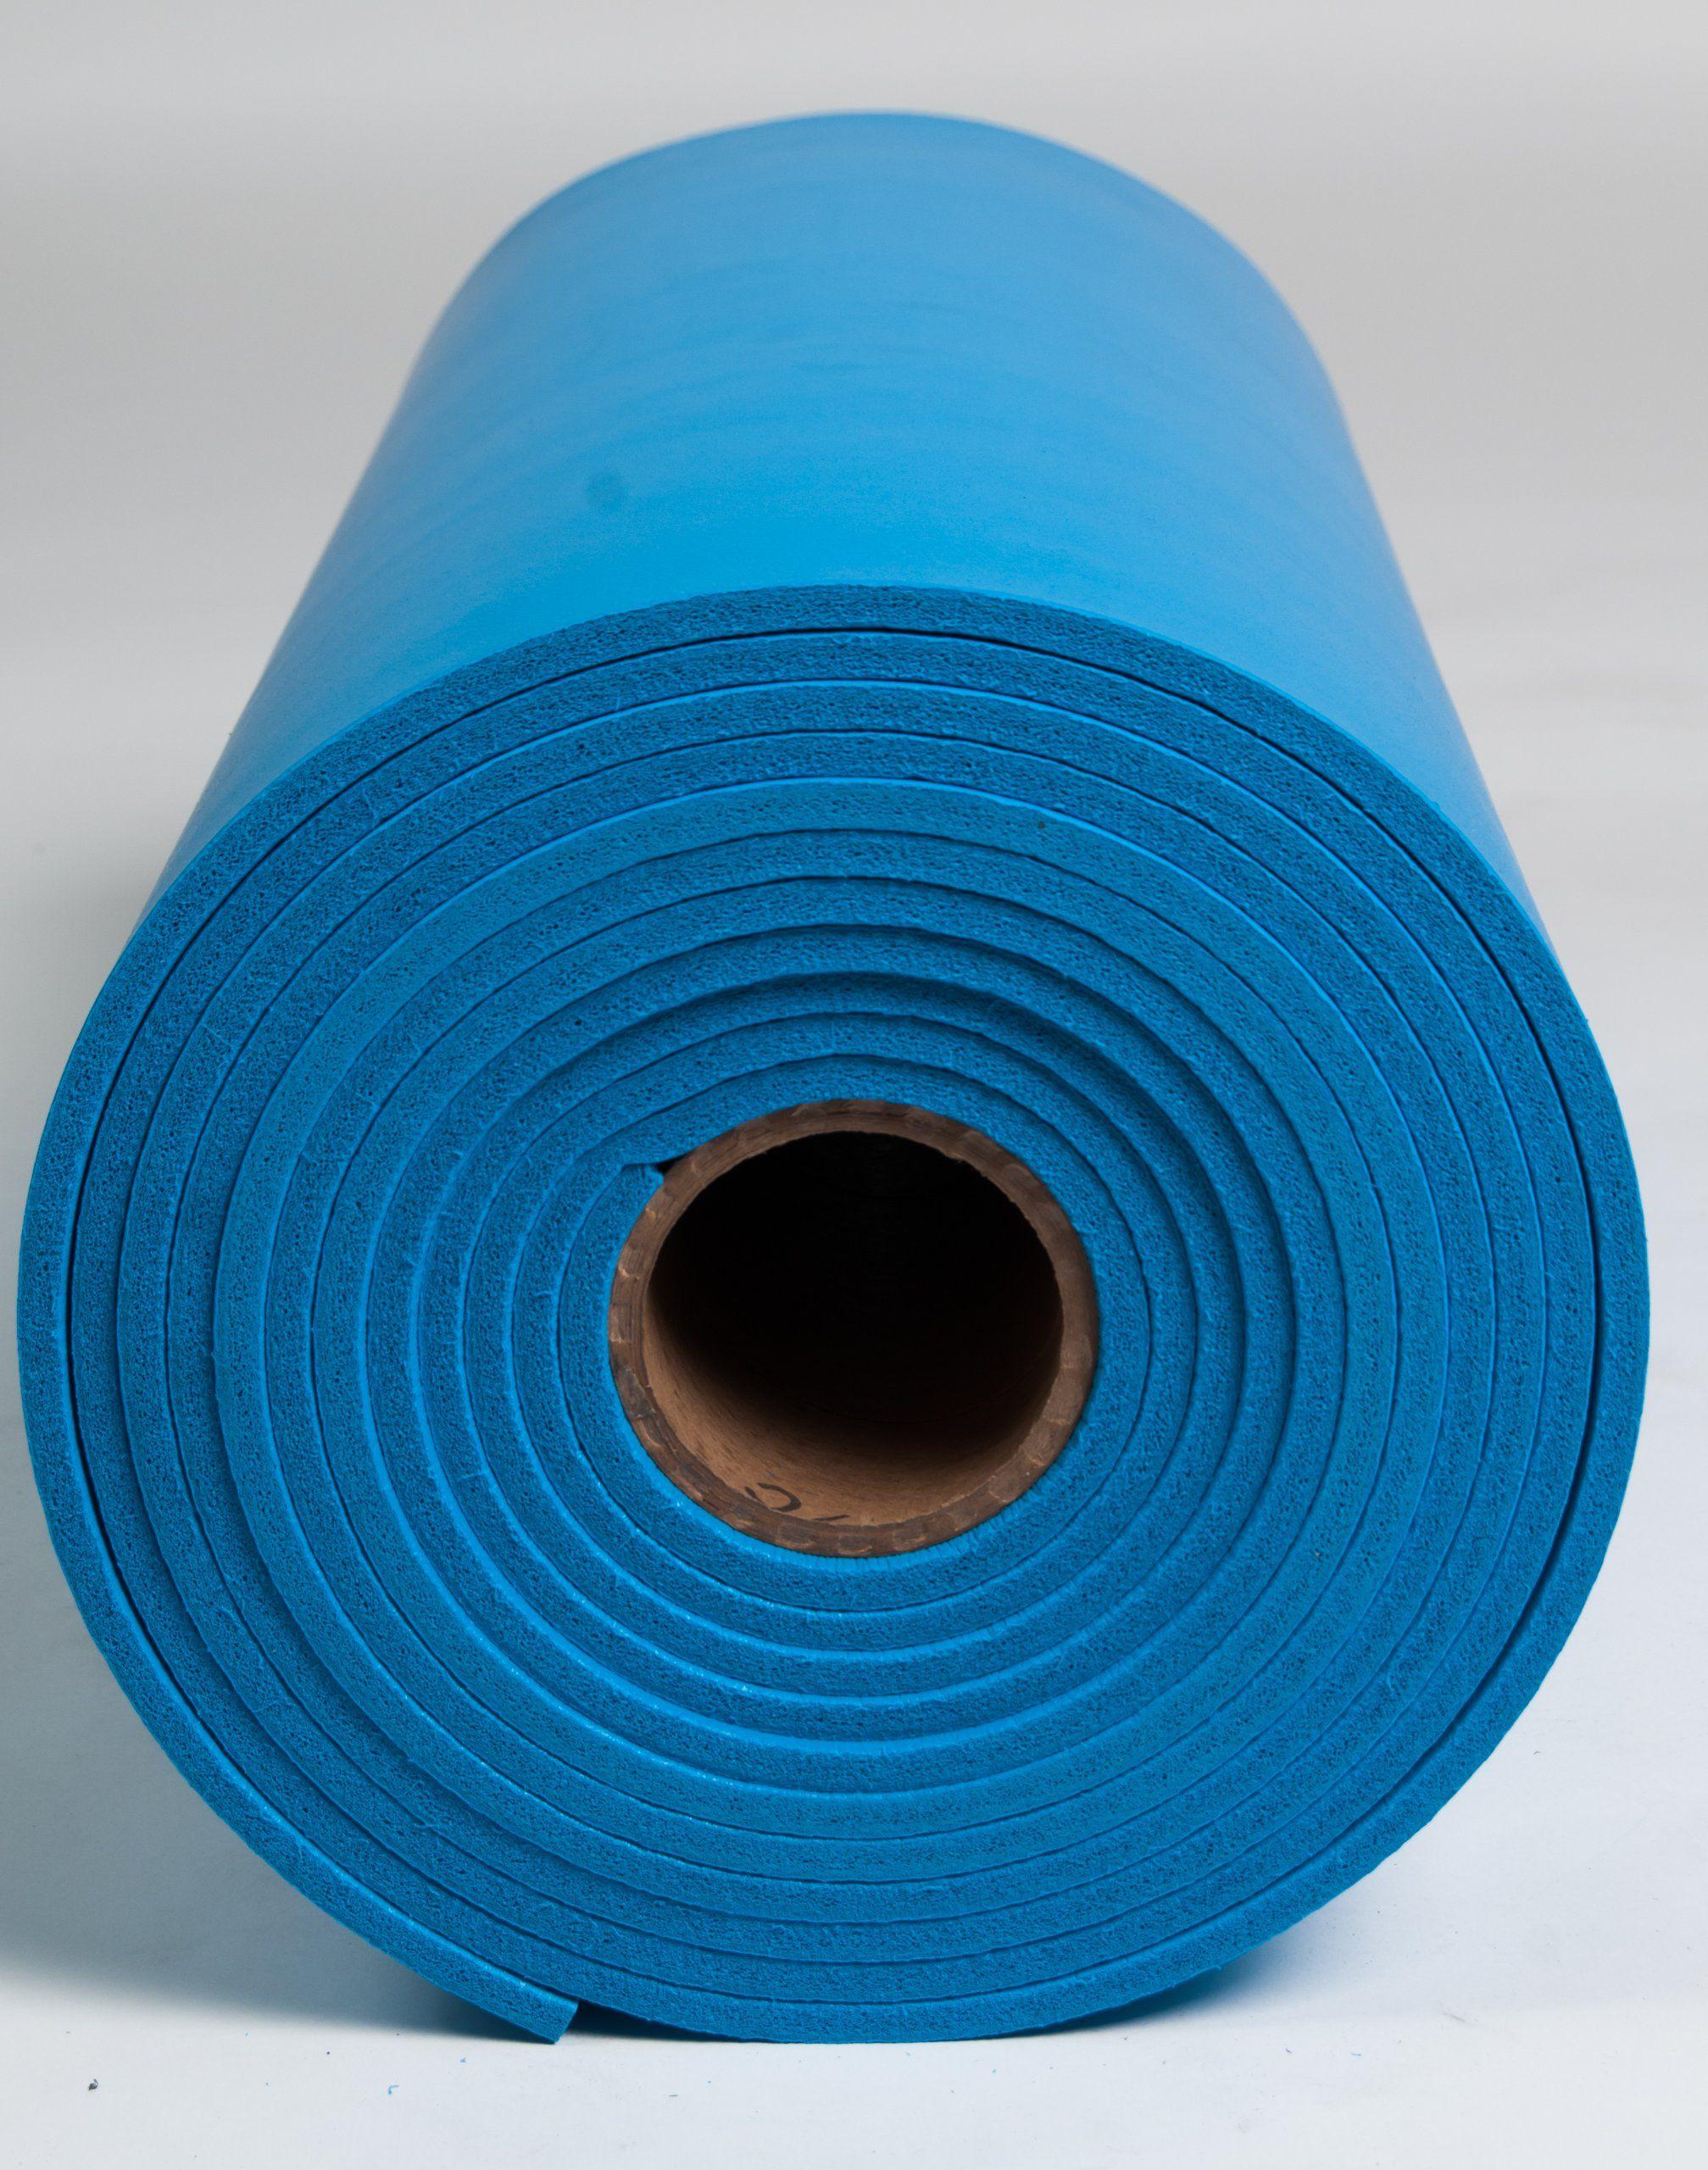 Esdproduct Pvc Foam Mat Roll 3 8 Thick 30 Length 2 1 2 Width Blue Foam Mats Foam Floor Mats